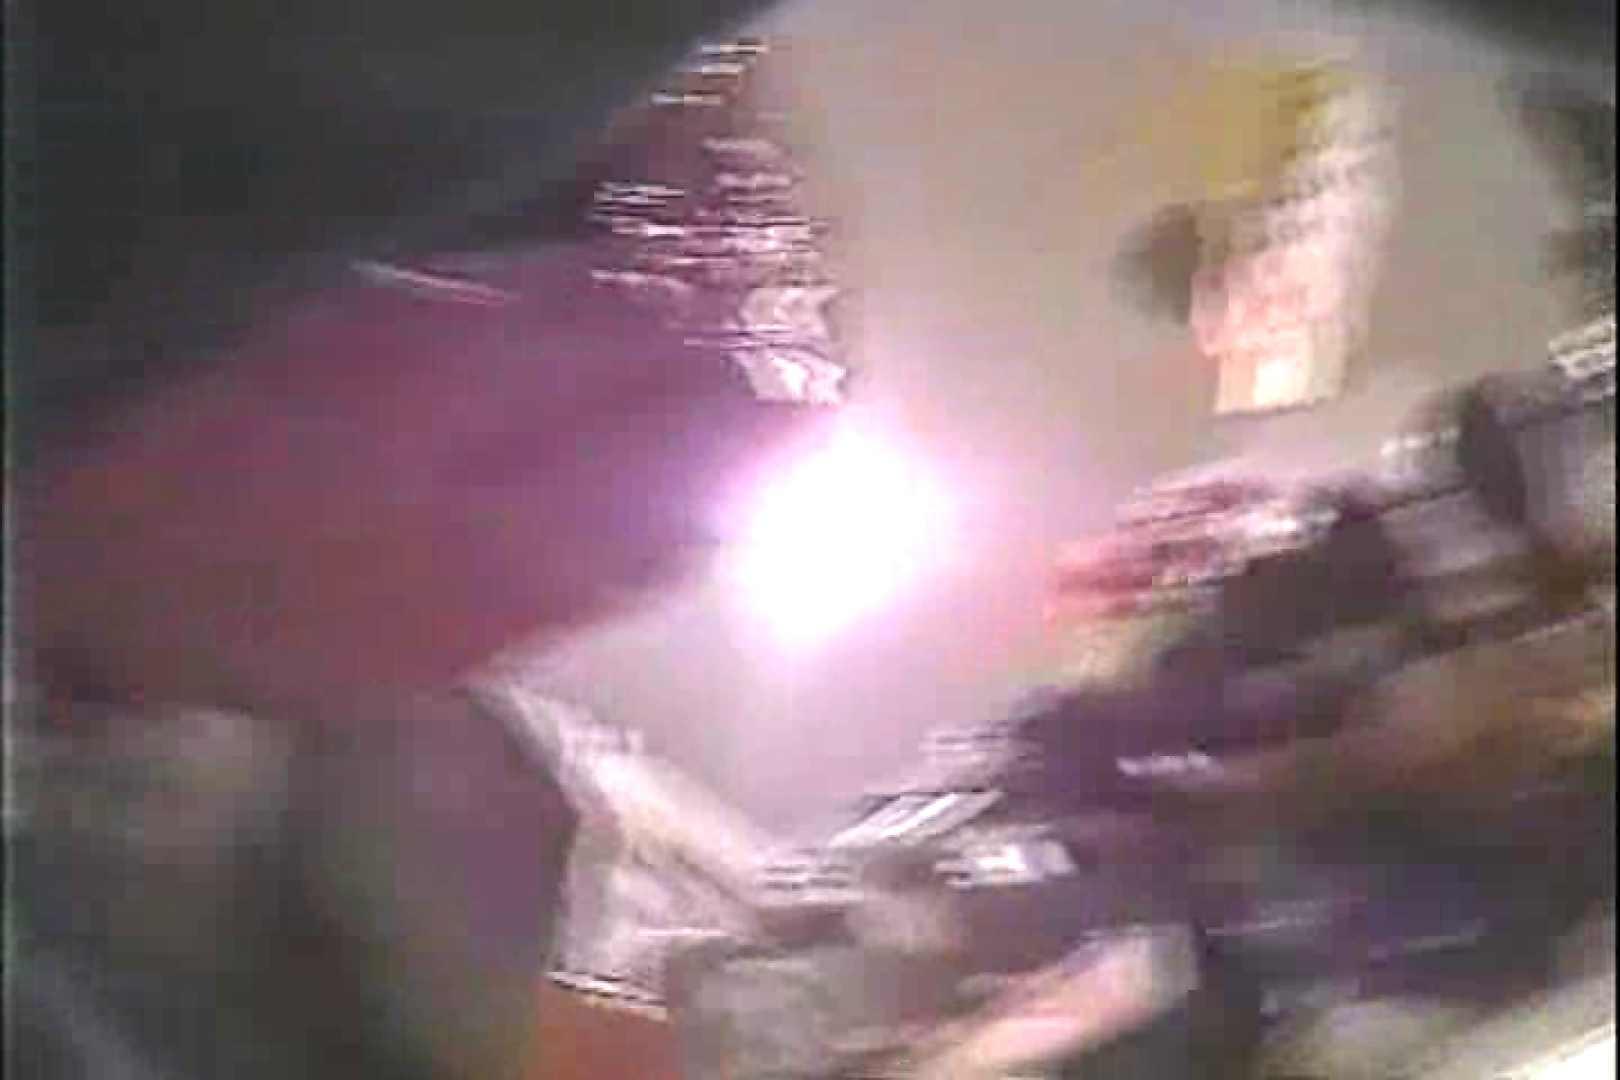 「ちくりん」さんのオリジナル未編集パンチラVol.3_01 下半身 AV動画キャプチャ 101pic 70